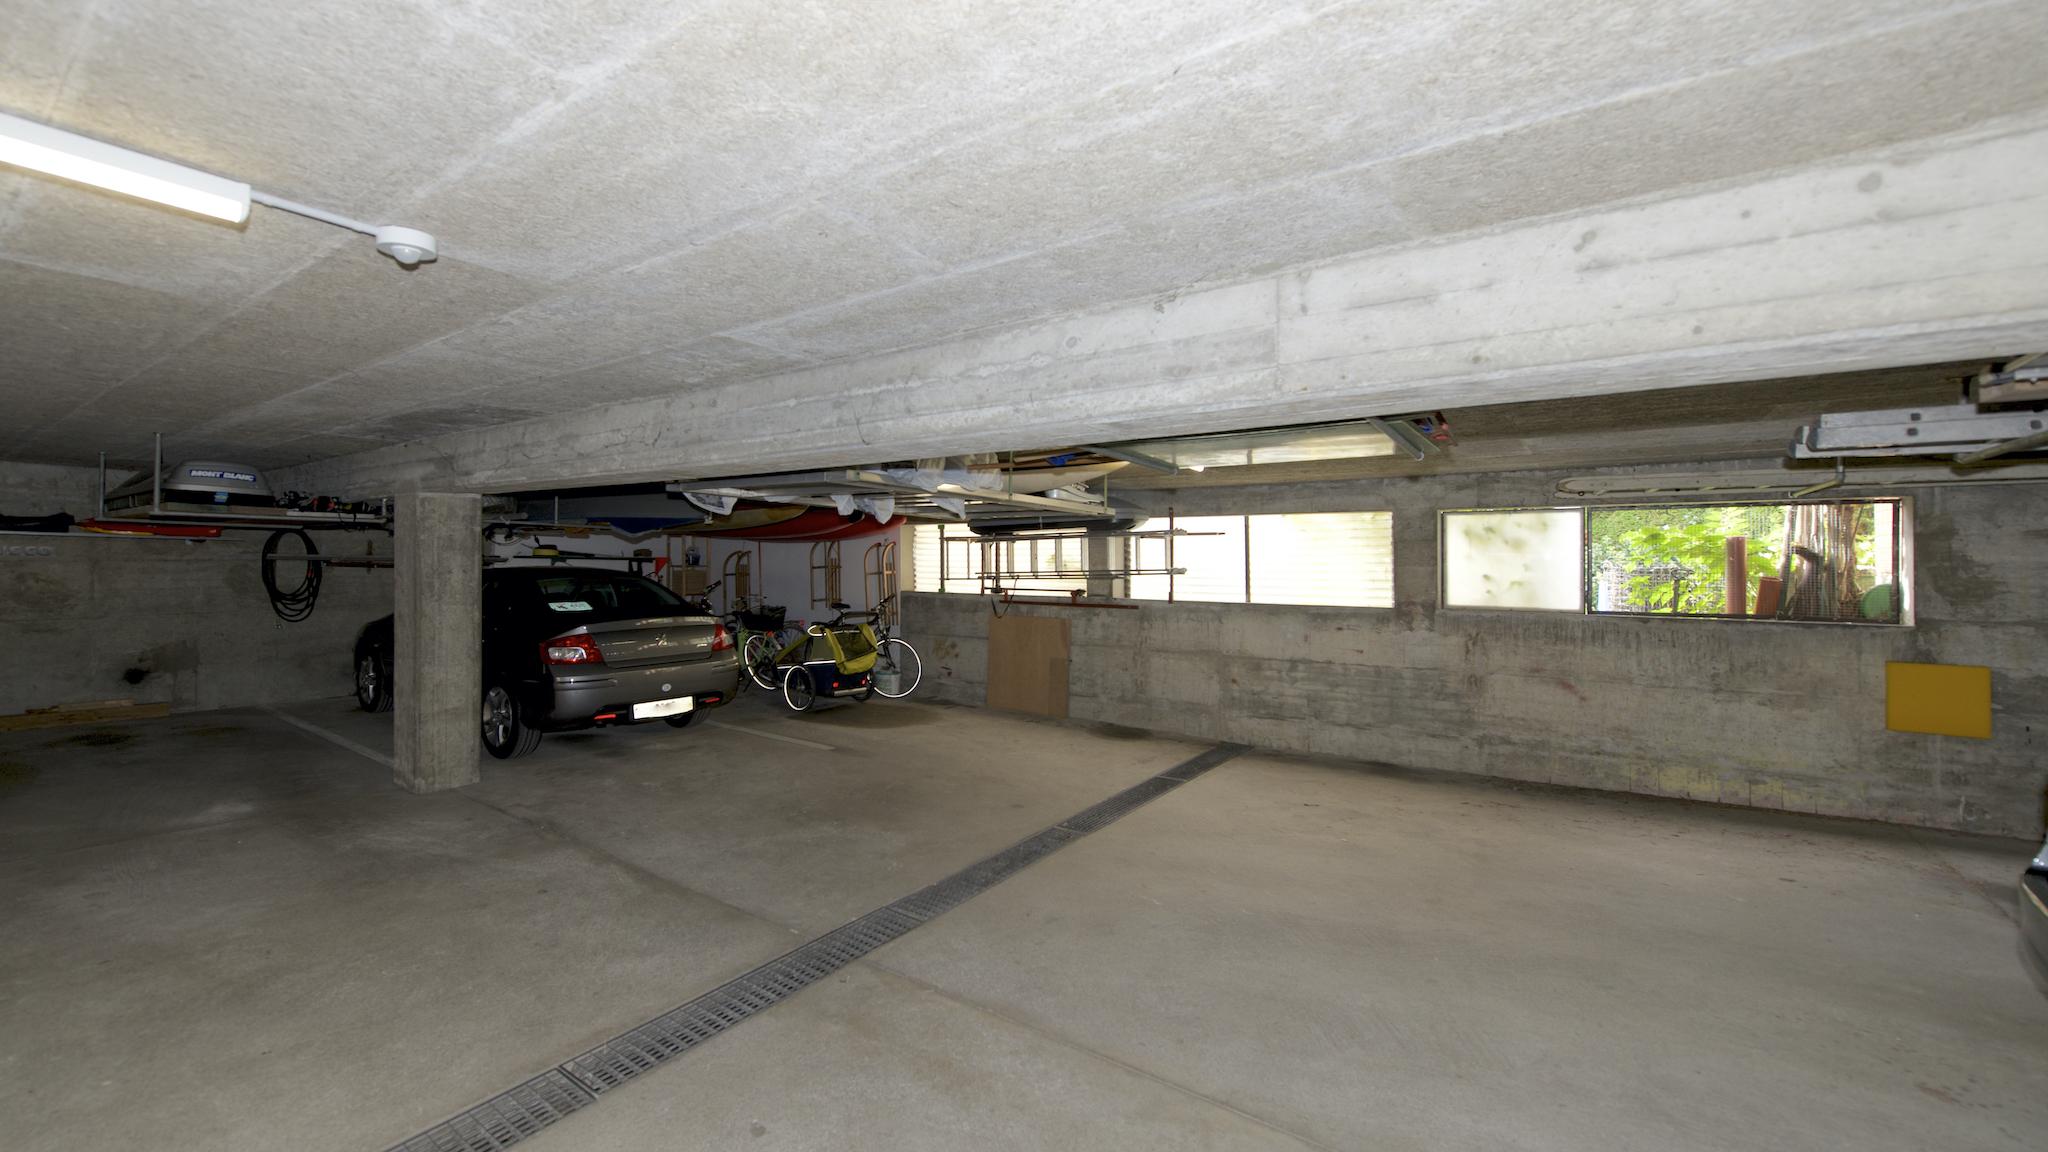 Tiefgarage mit dem Garagenplatz